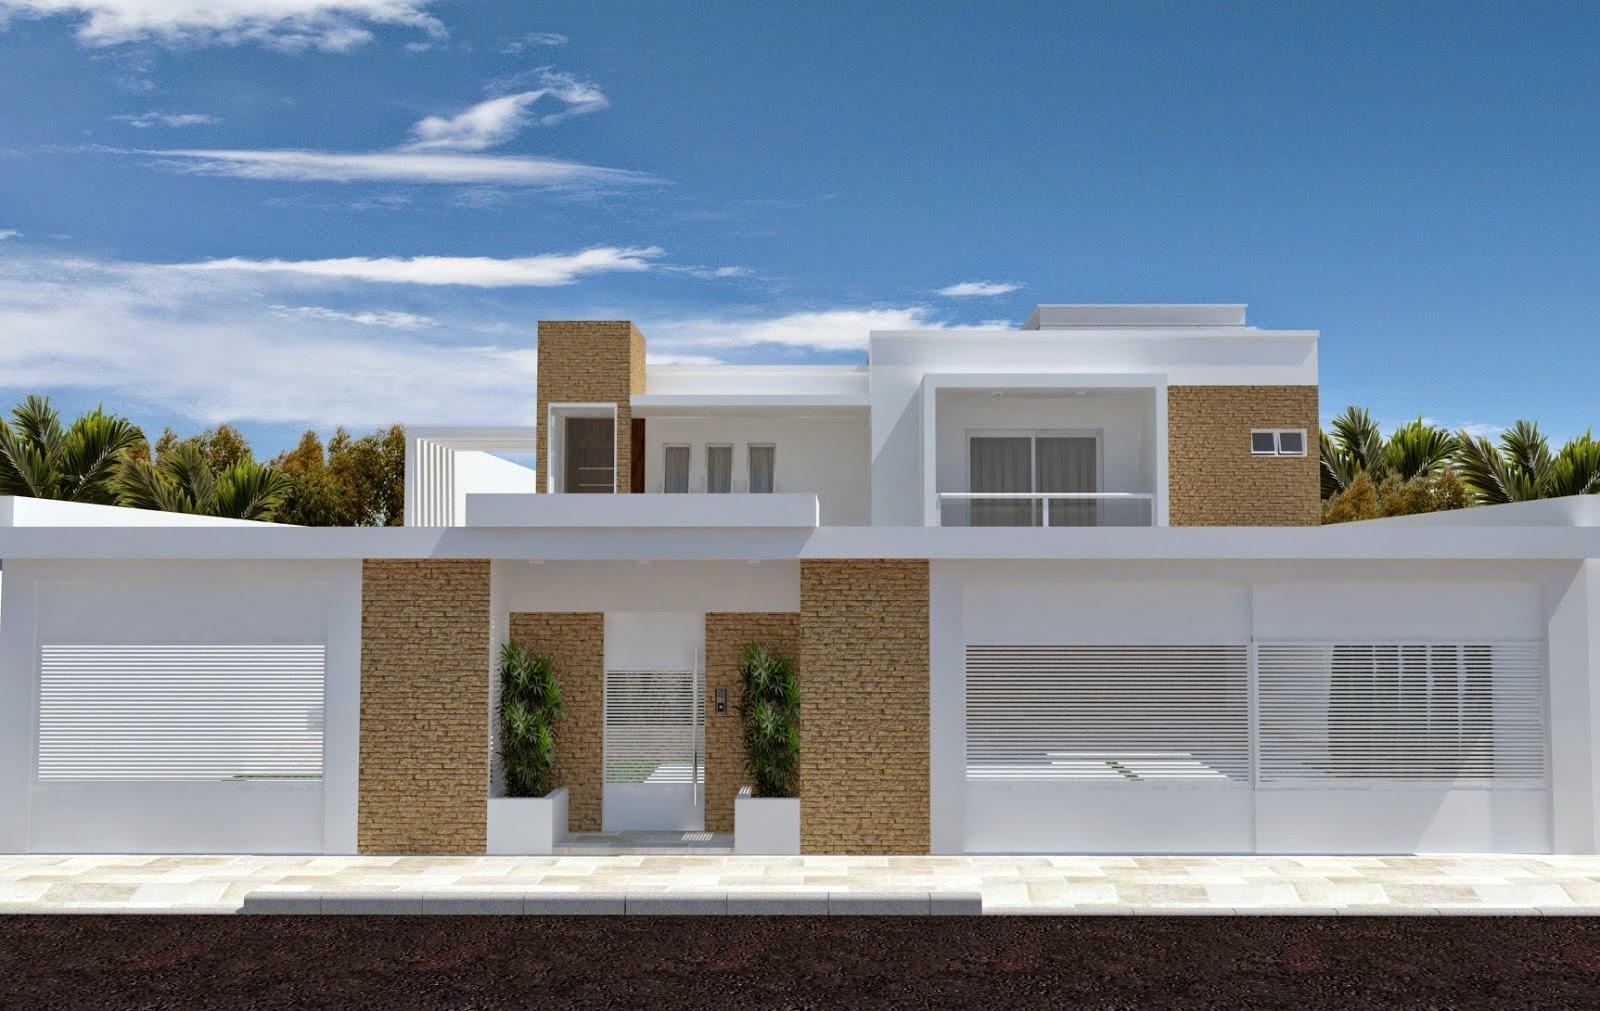 60 modelos de muros residenciais fachadas fotos e dicas for Modelo de fachada de casa